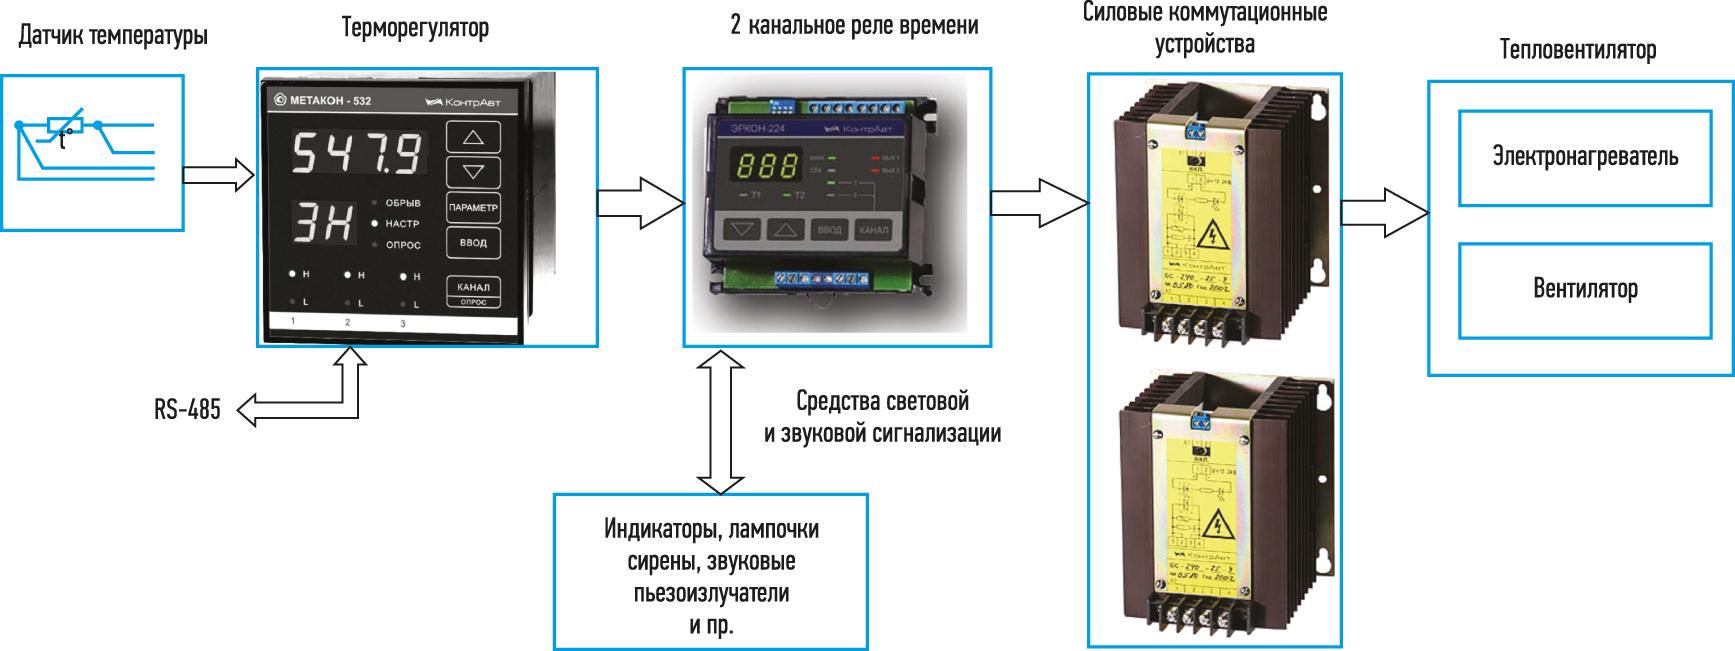 Структурная схема локальной АСУ ТП с реализацией поддержания температуры в заданный интервал времени